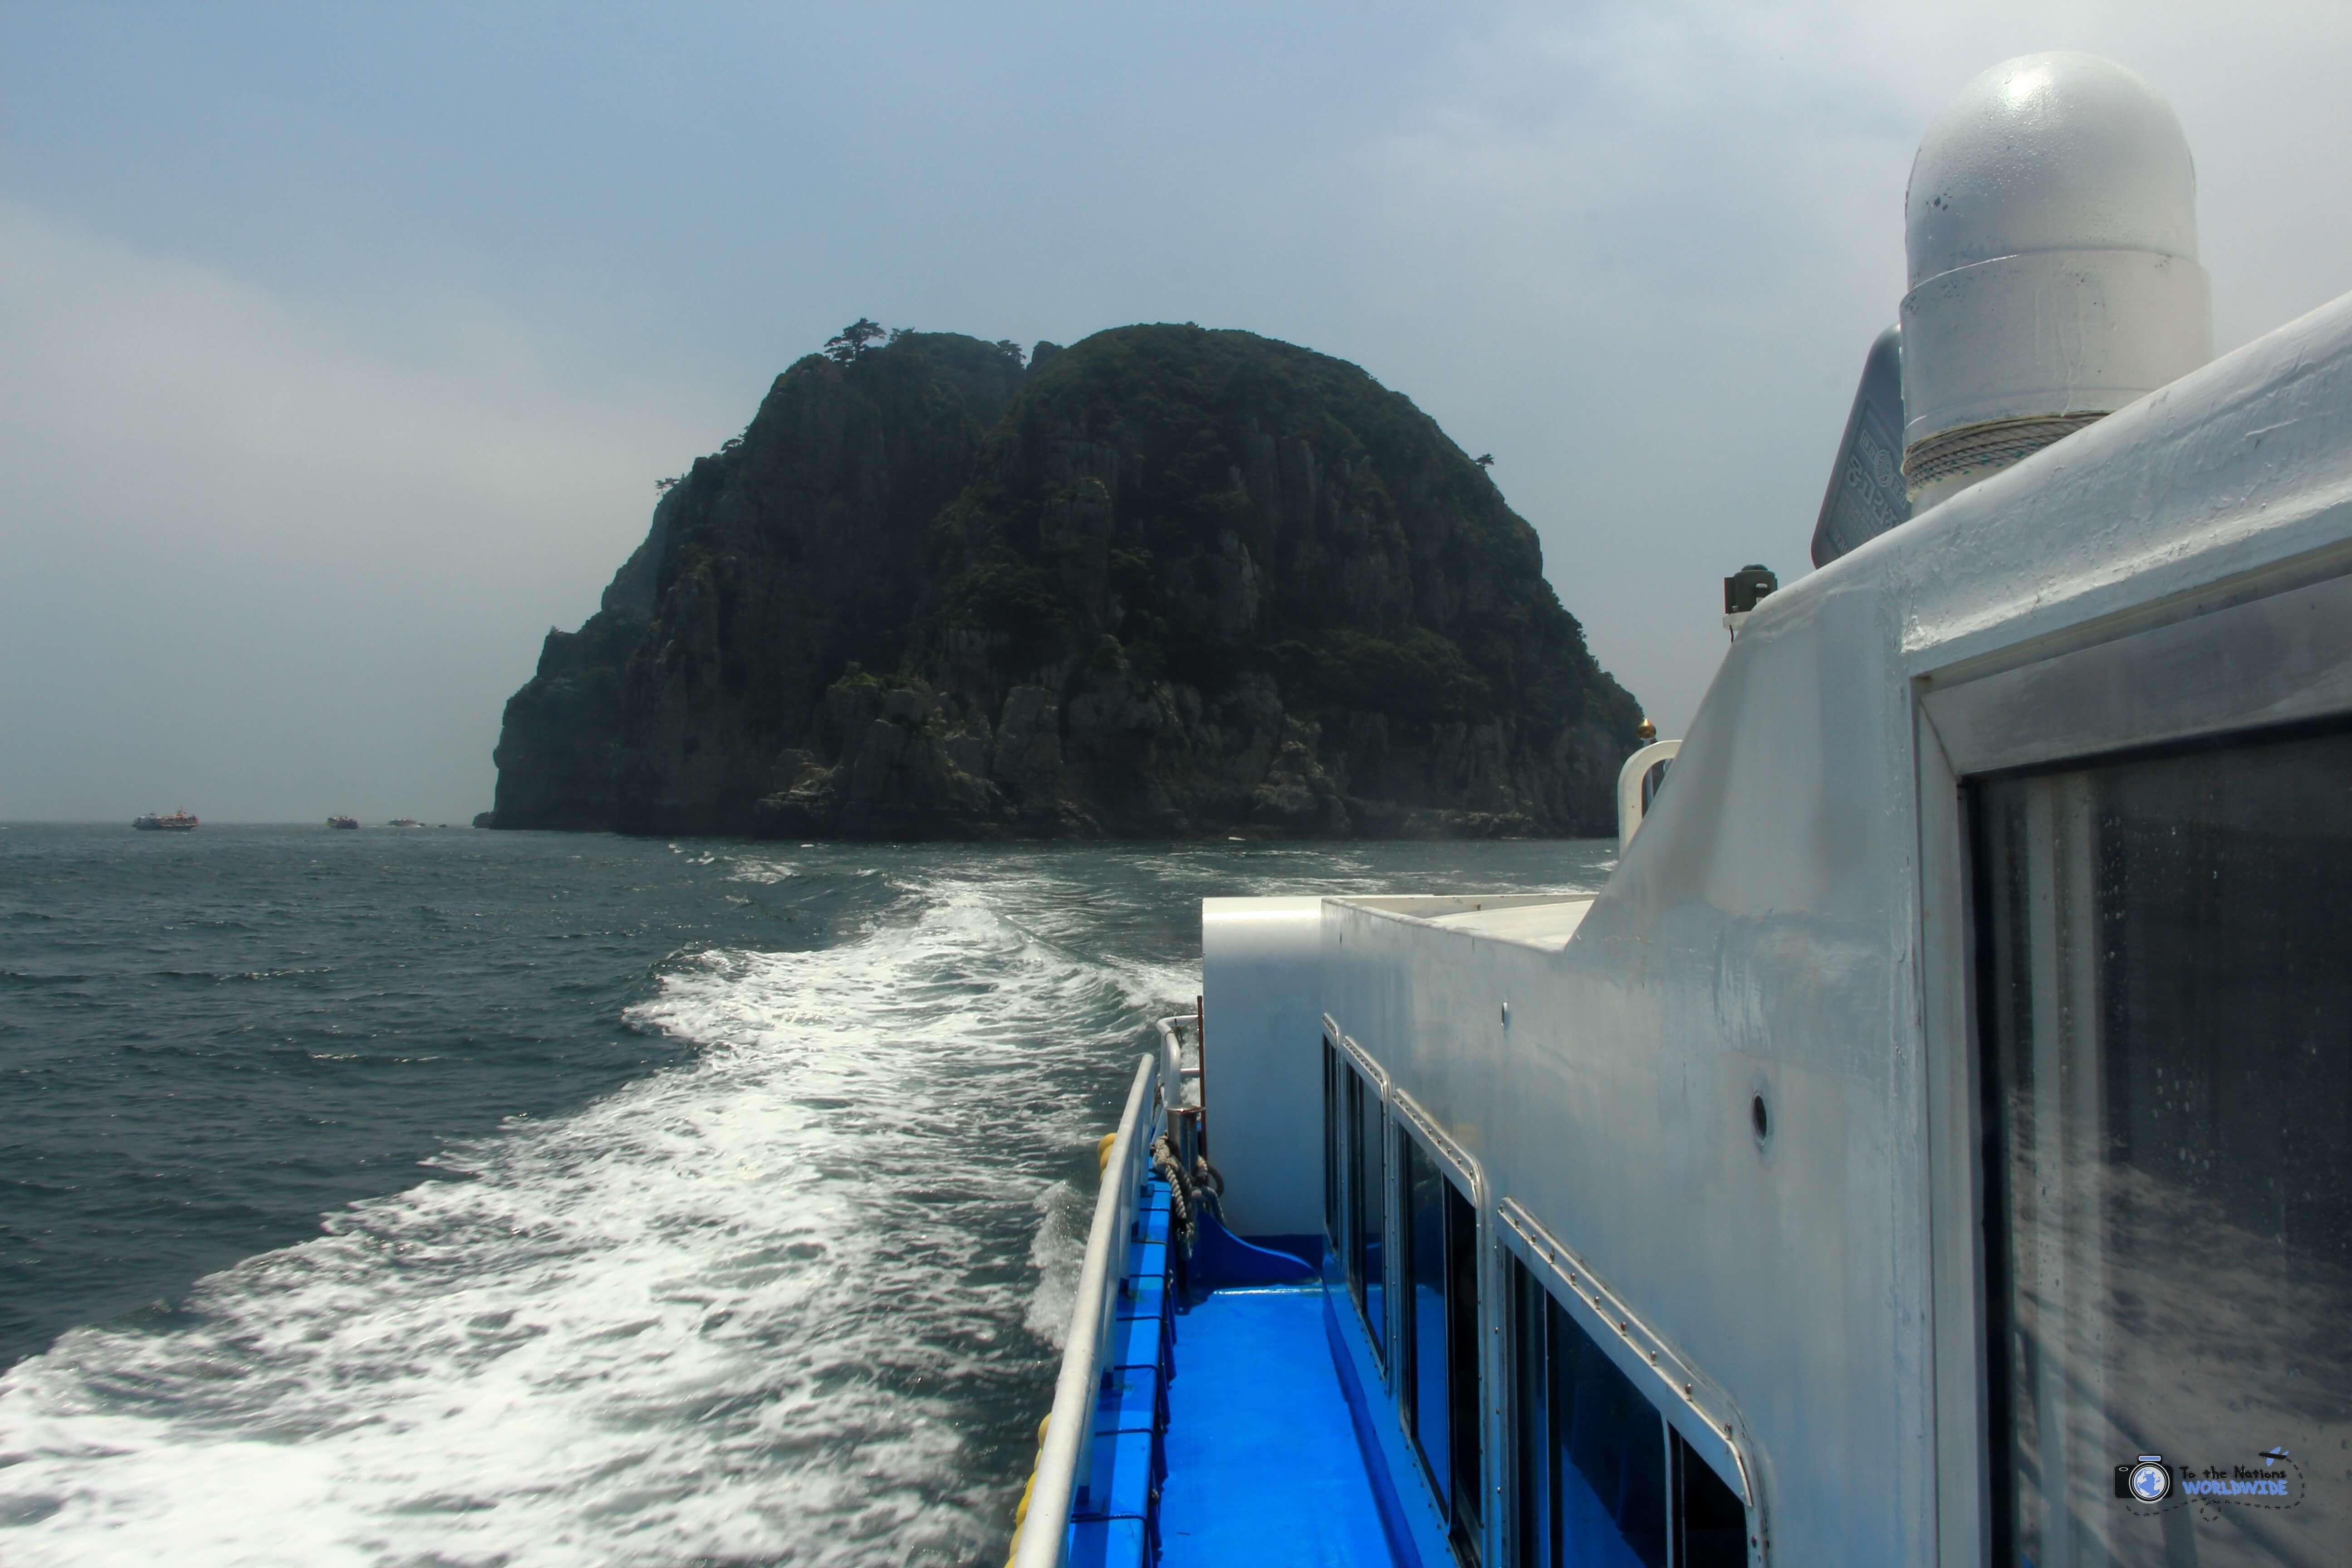 Haegeumgang Island, Geoje Island, South Korea